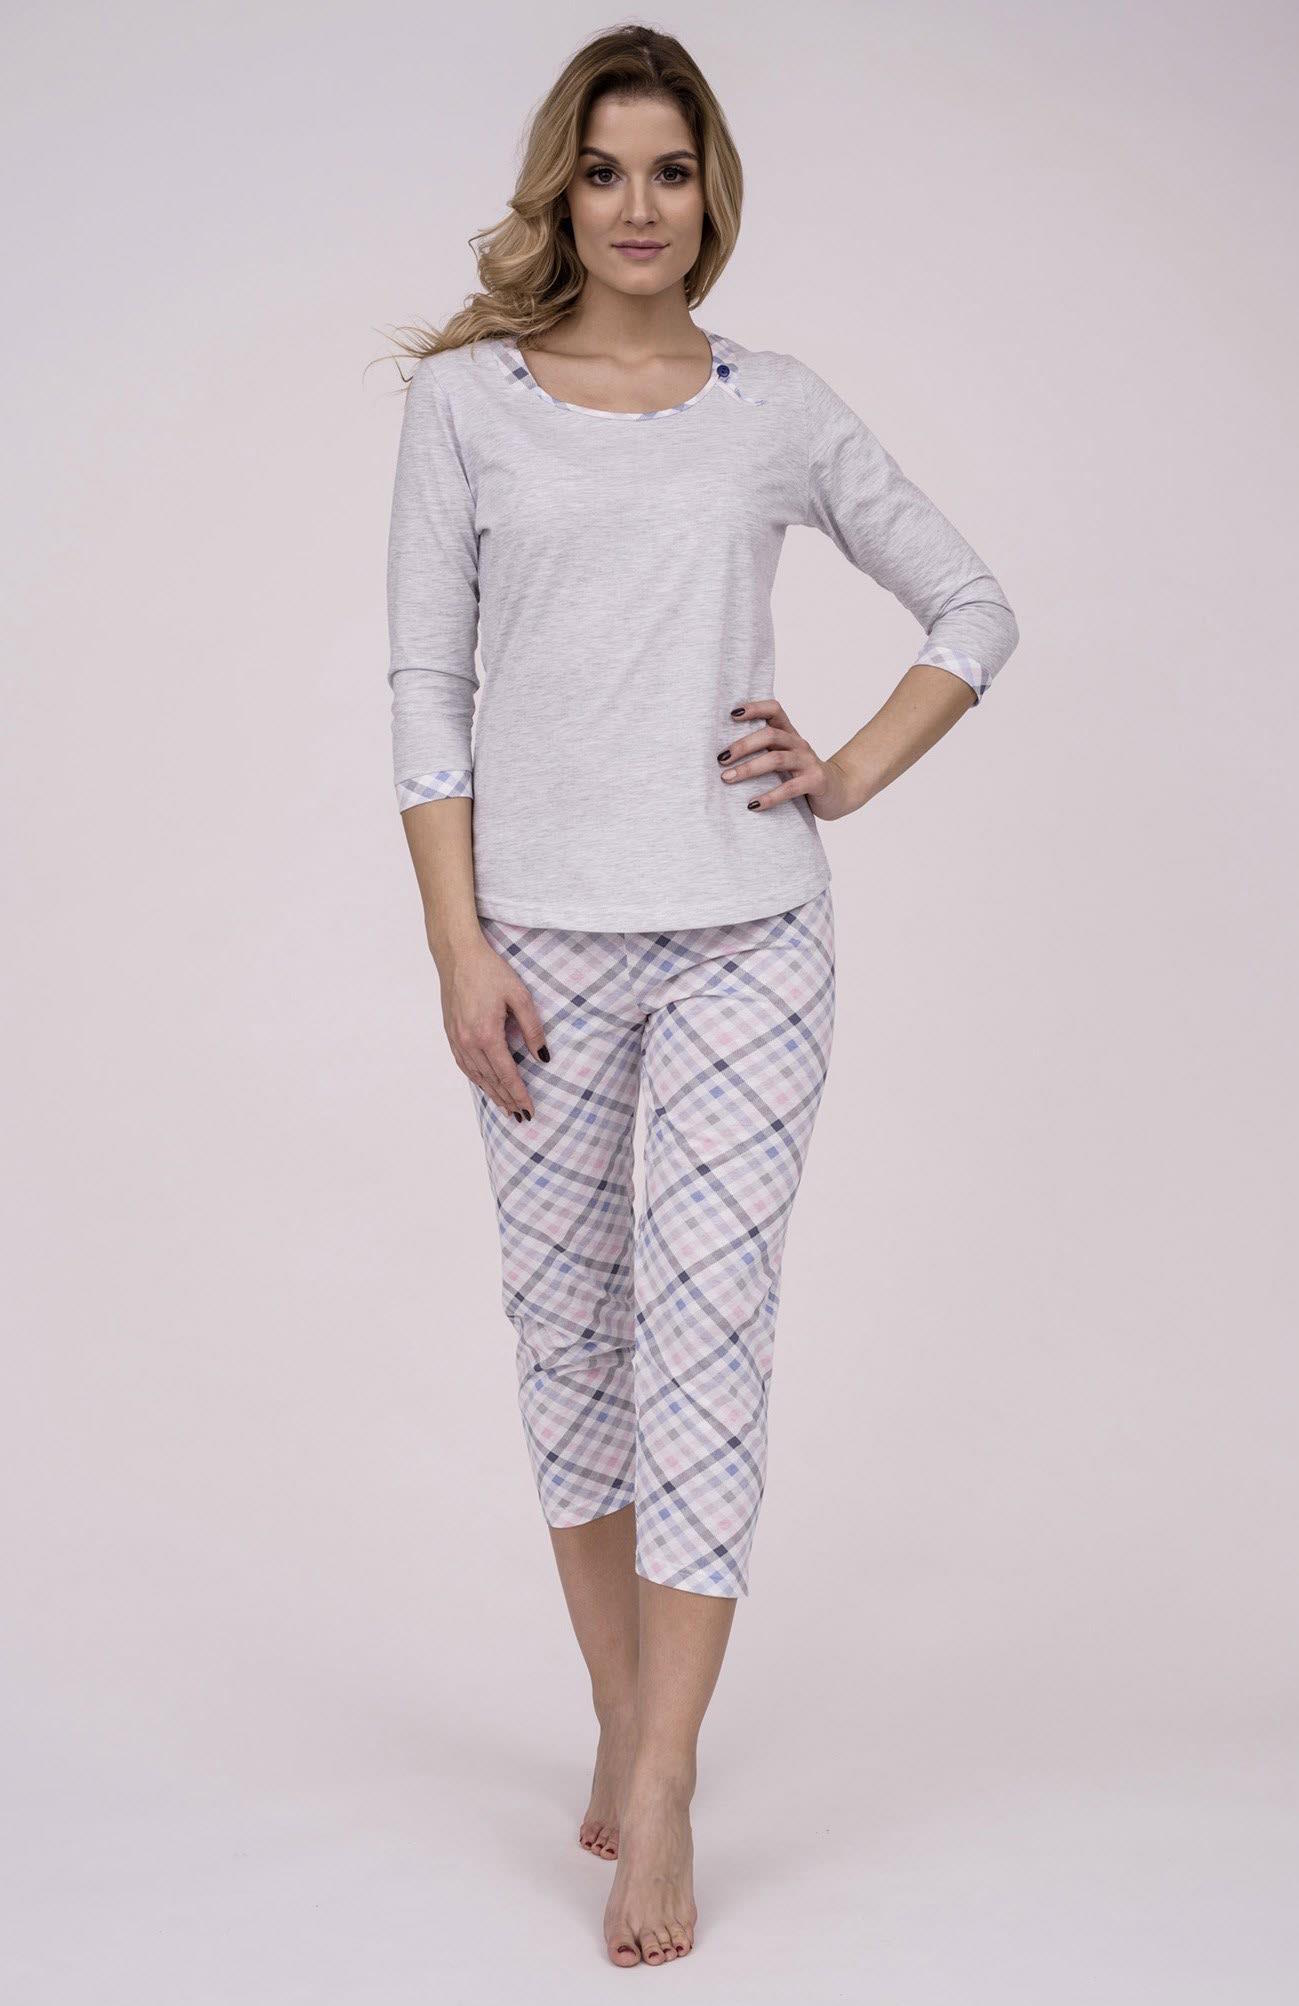 e3e7b64dc1ed Dámske bavlnené pyžamo Cana 190. Prinášame Vám novú kolekciu dámske pyžamá  jar-leto 2018